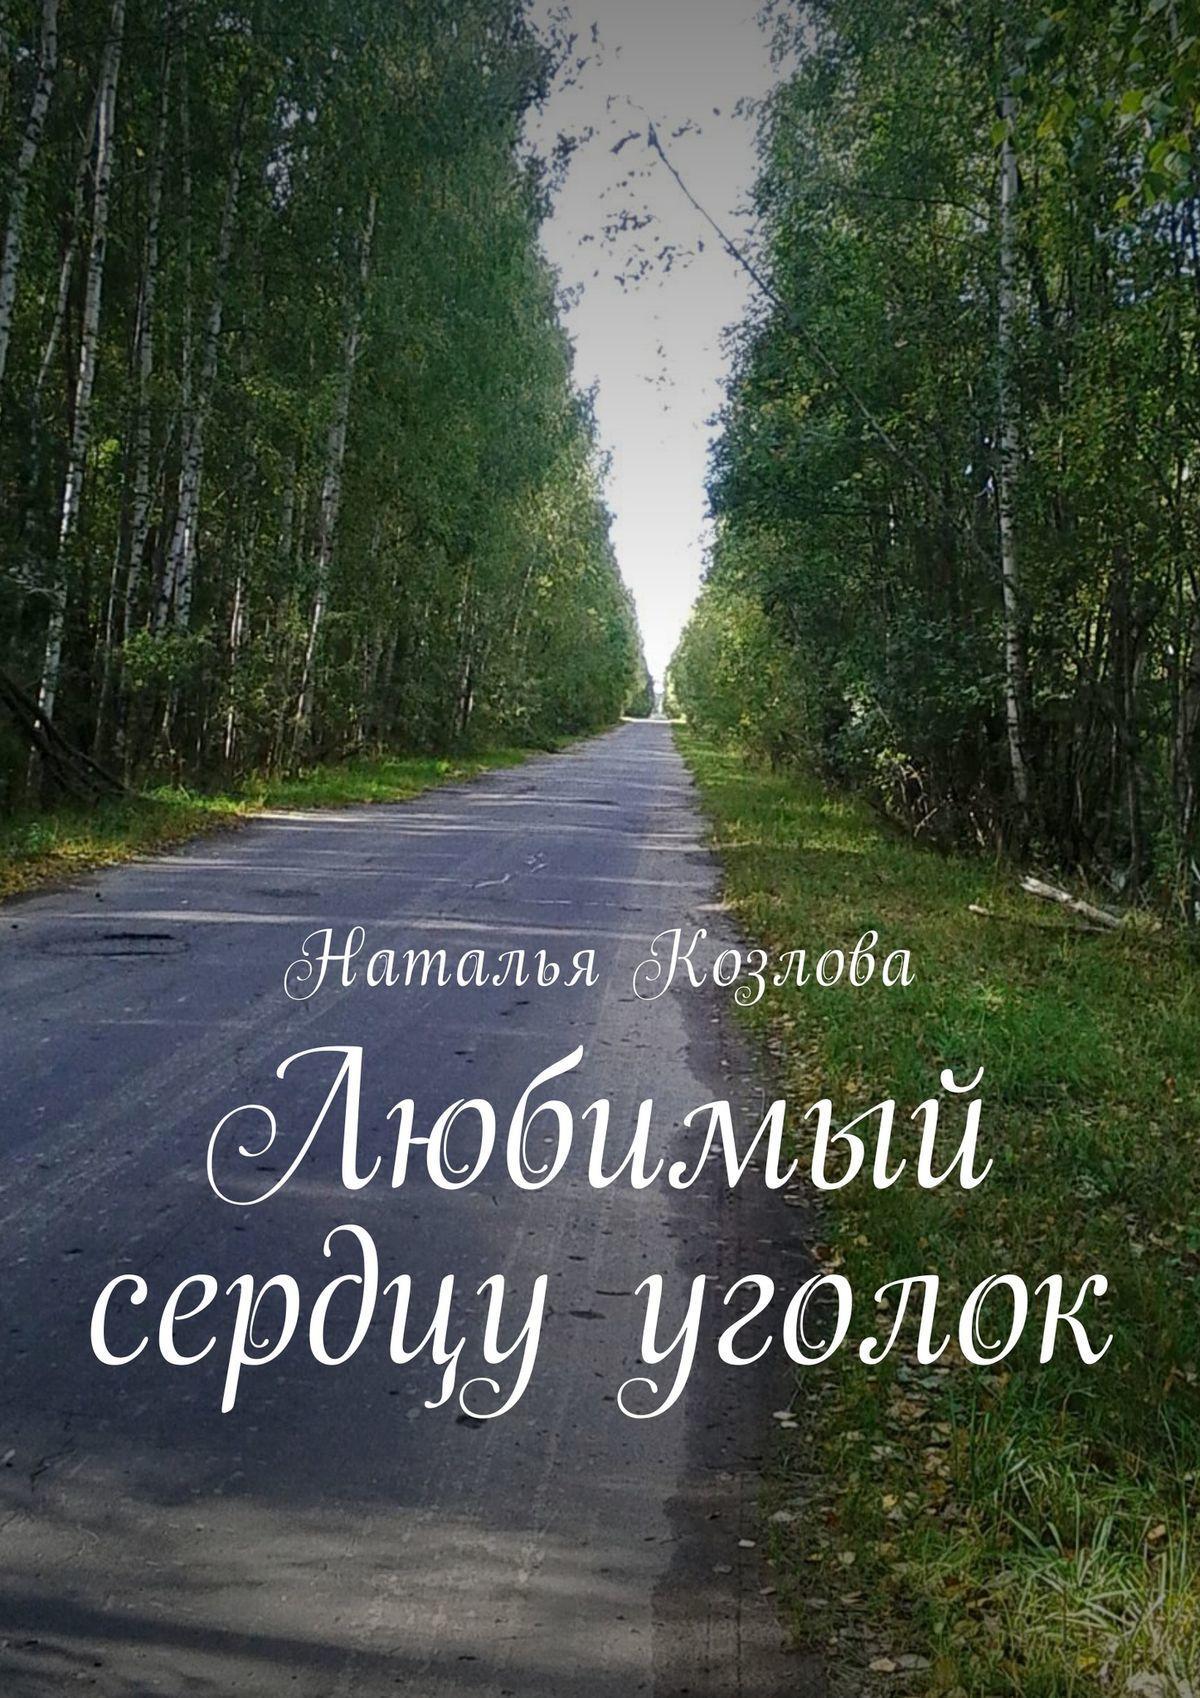 Наталья Козлова Любимый сердцу уголок куплю чехол длябронежилета б у в нижегородской области